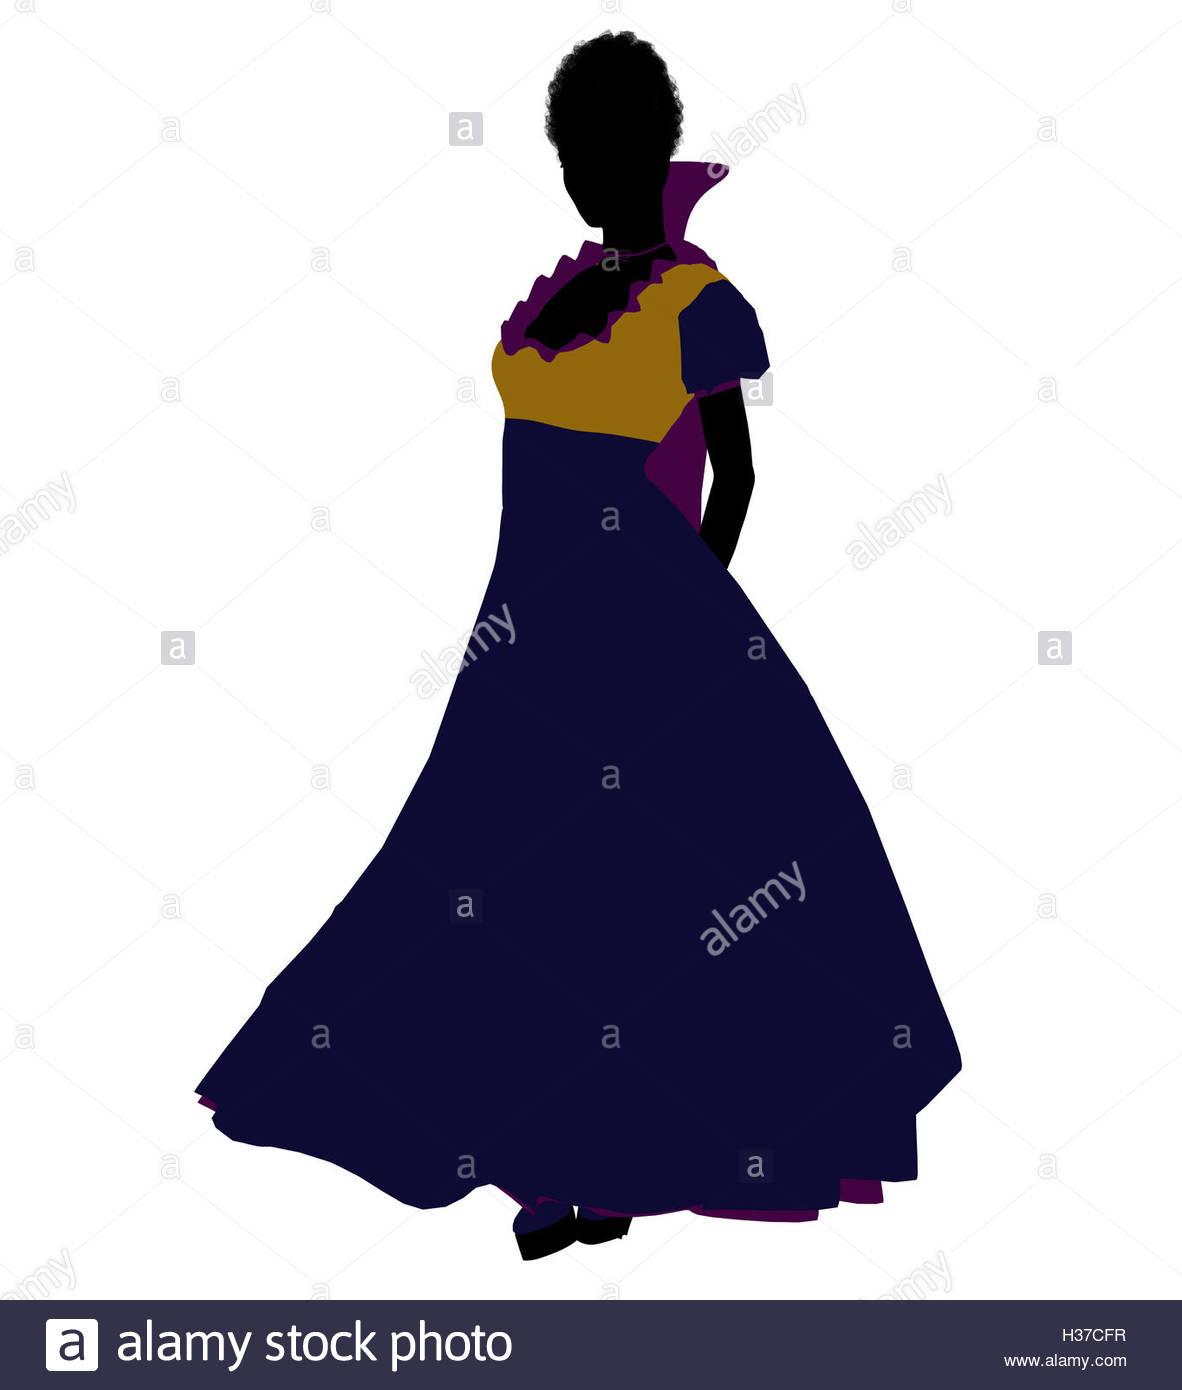 1182x1390 Snow White Silhouette Illustration Stock Photo 122480059